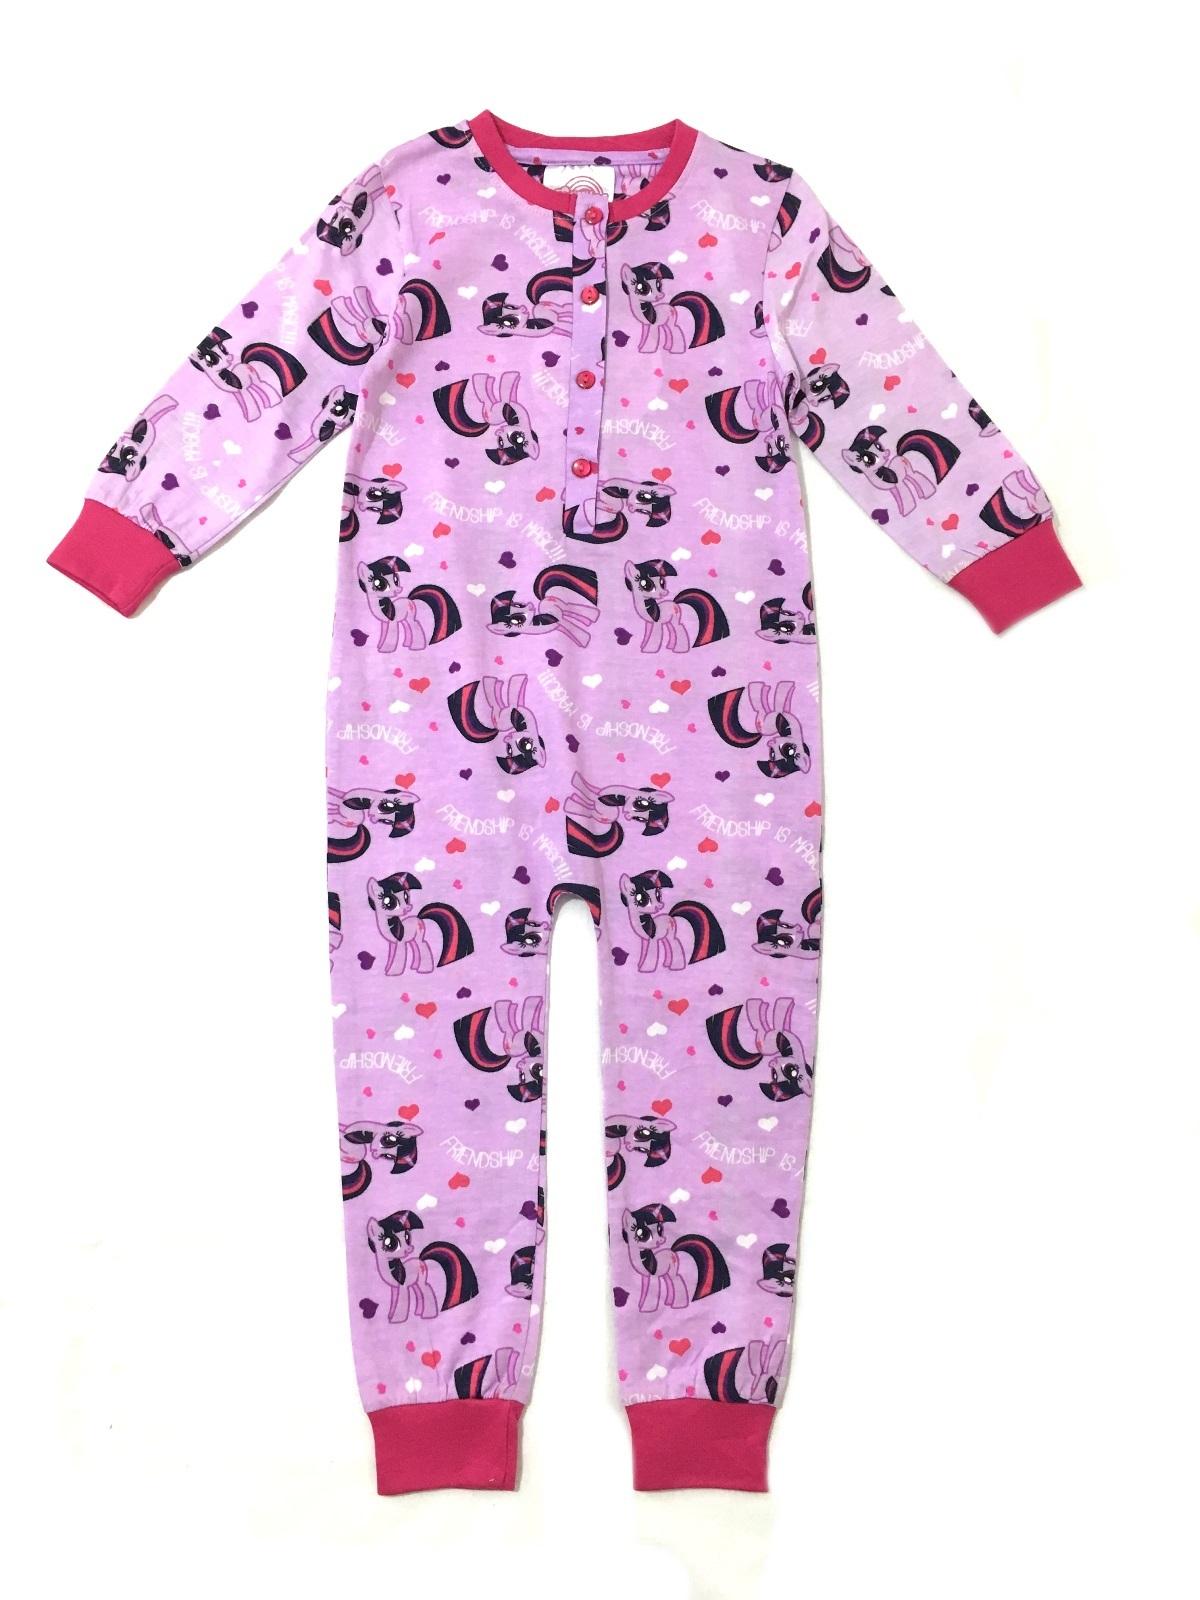 enfants filles my little pony grenouill re rose pyjamas. Black Bedroom Furniture Sets. Home Design Ideas